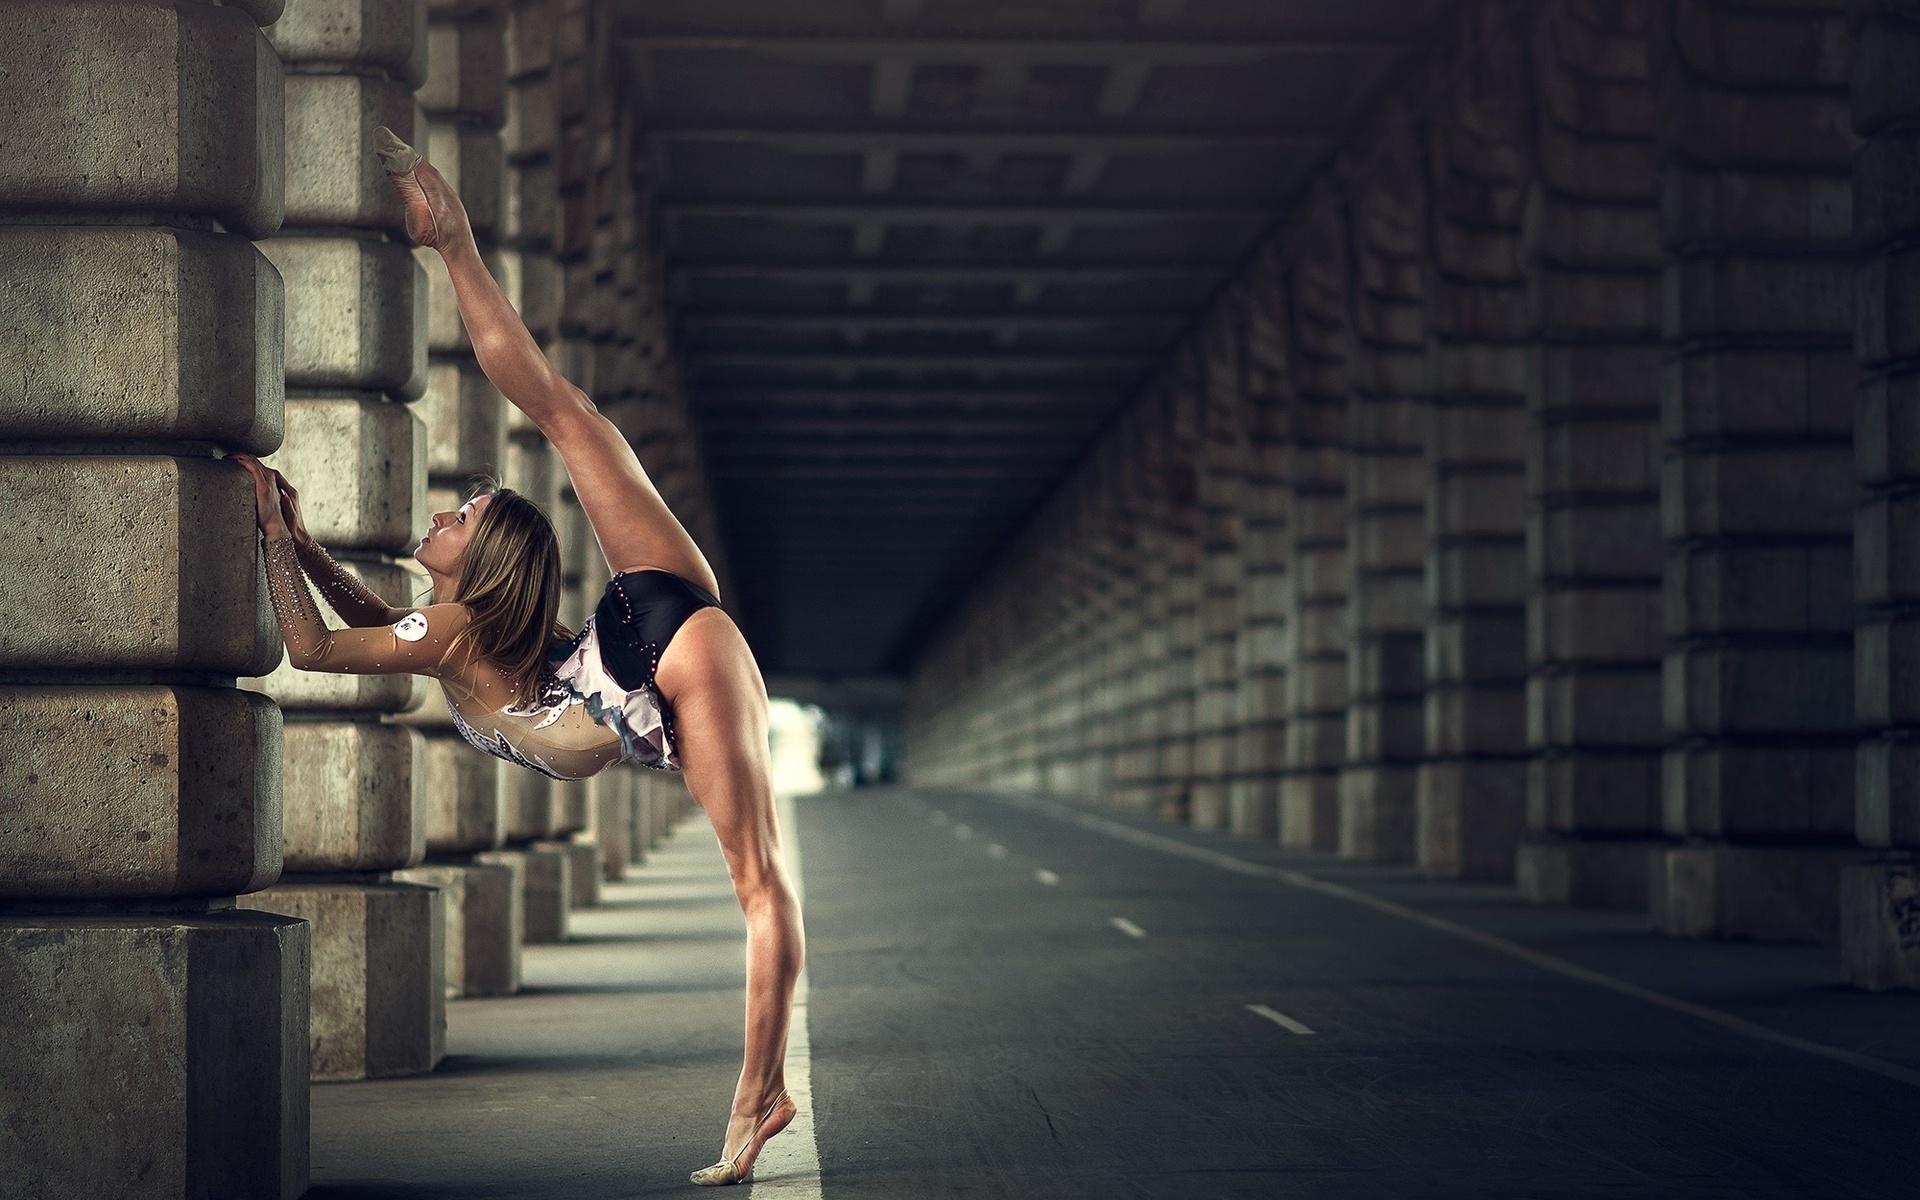 Нереальная девушка гимнастка красотка — pic 3